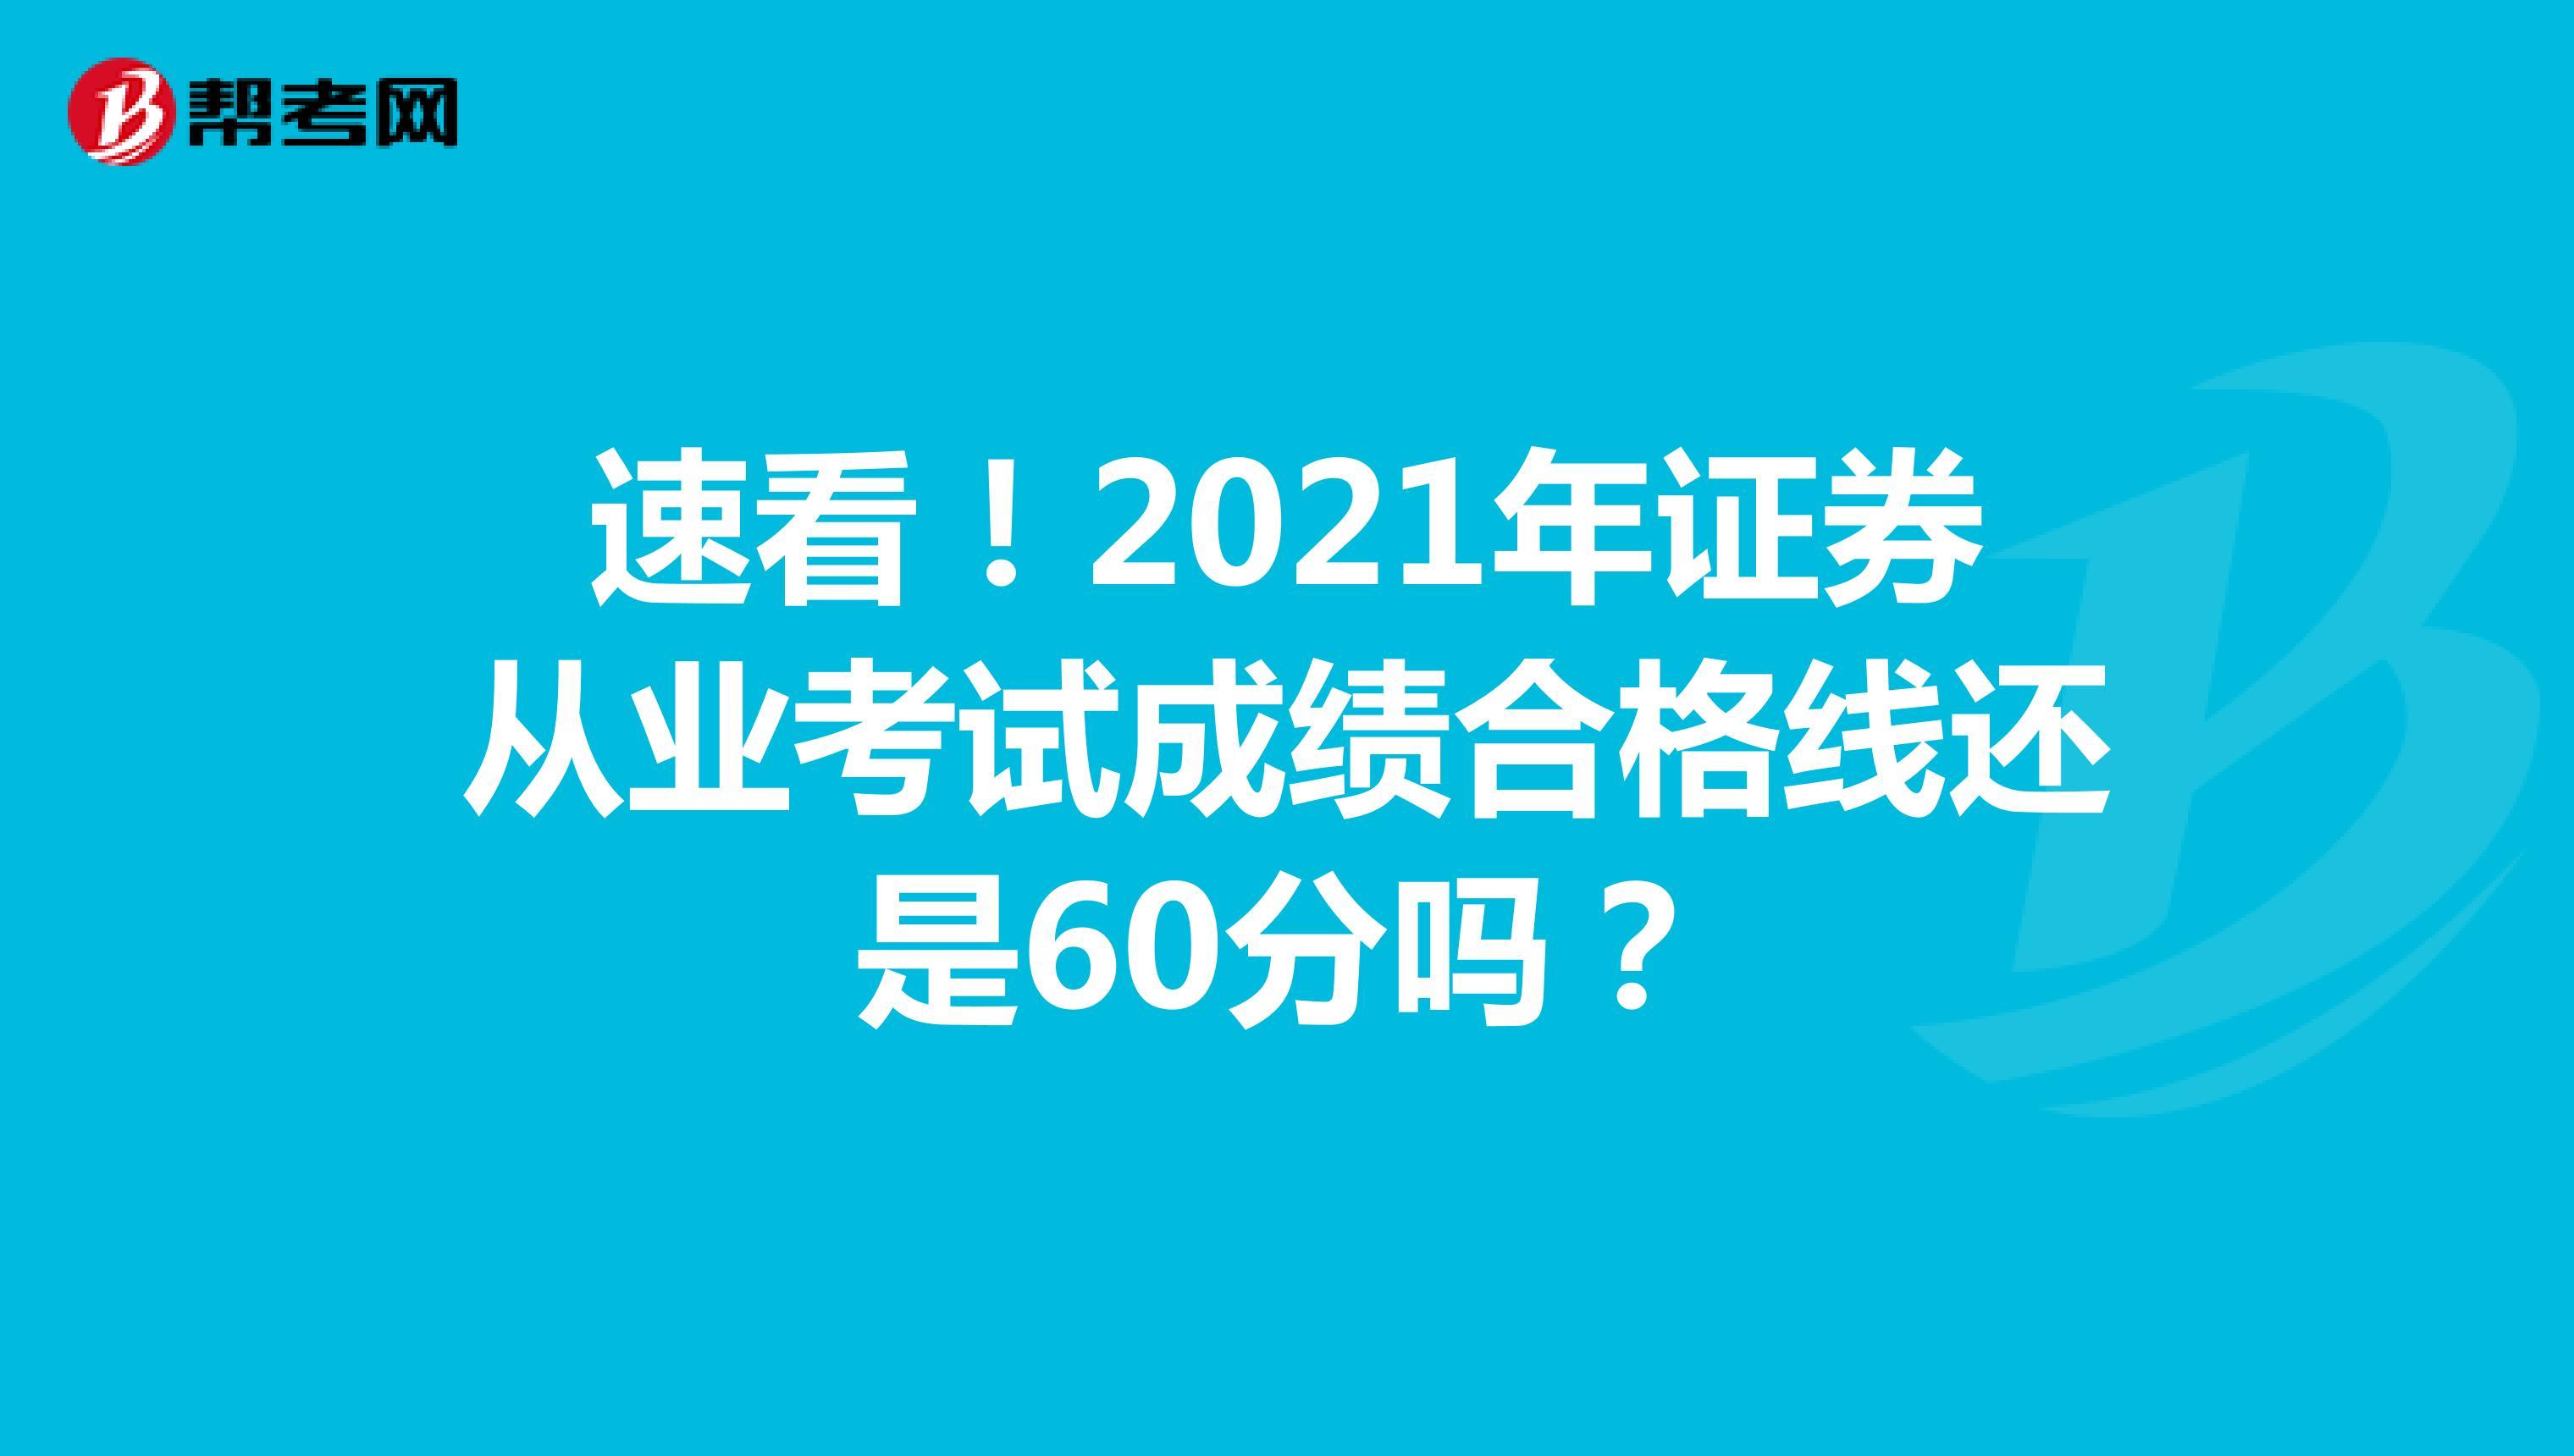 速看!2021年证券从业考试成绩合格线还是60分吗?